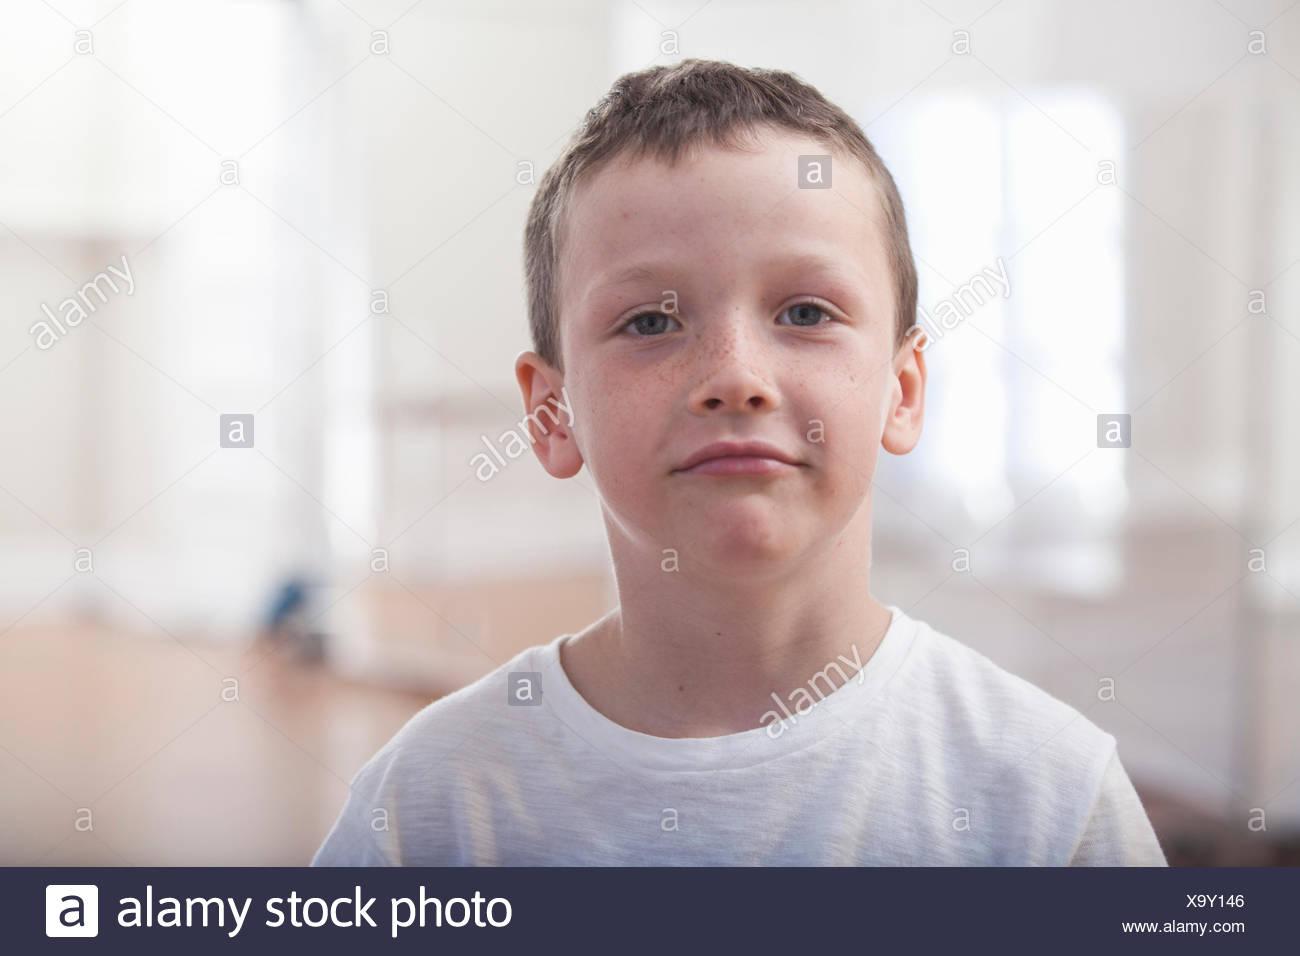 Retrato de niño en la escuela de ballet Imagen De Stock